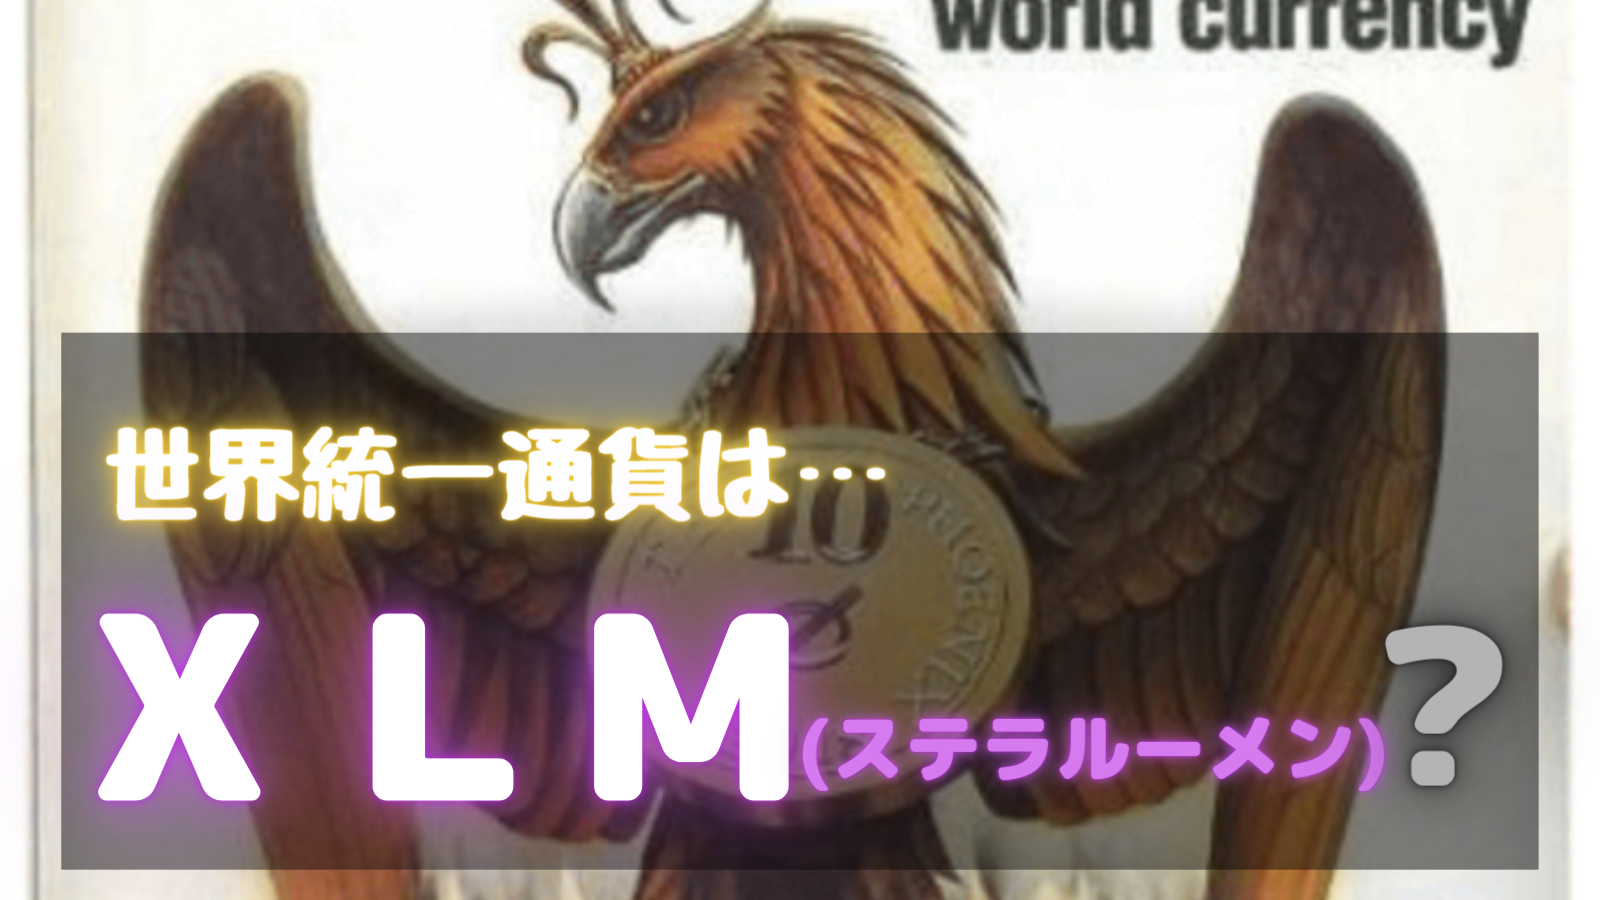 世界統一通貨XLM